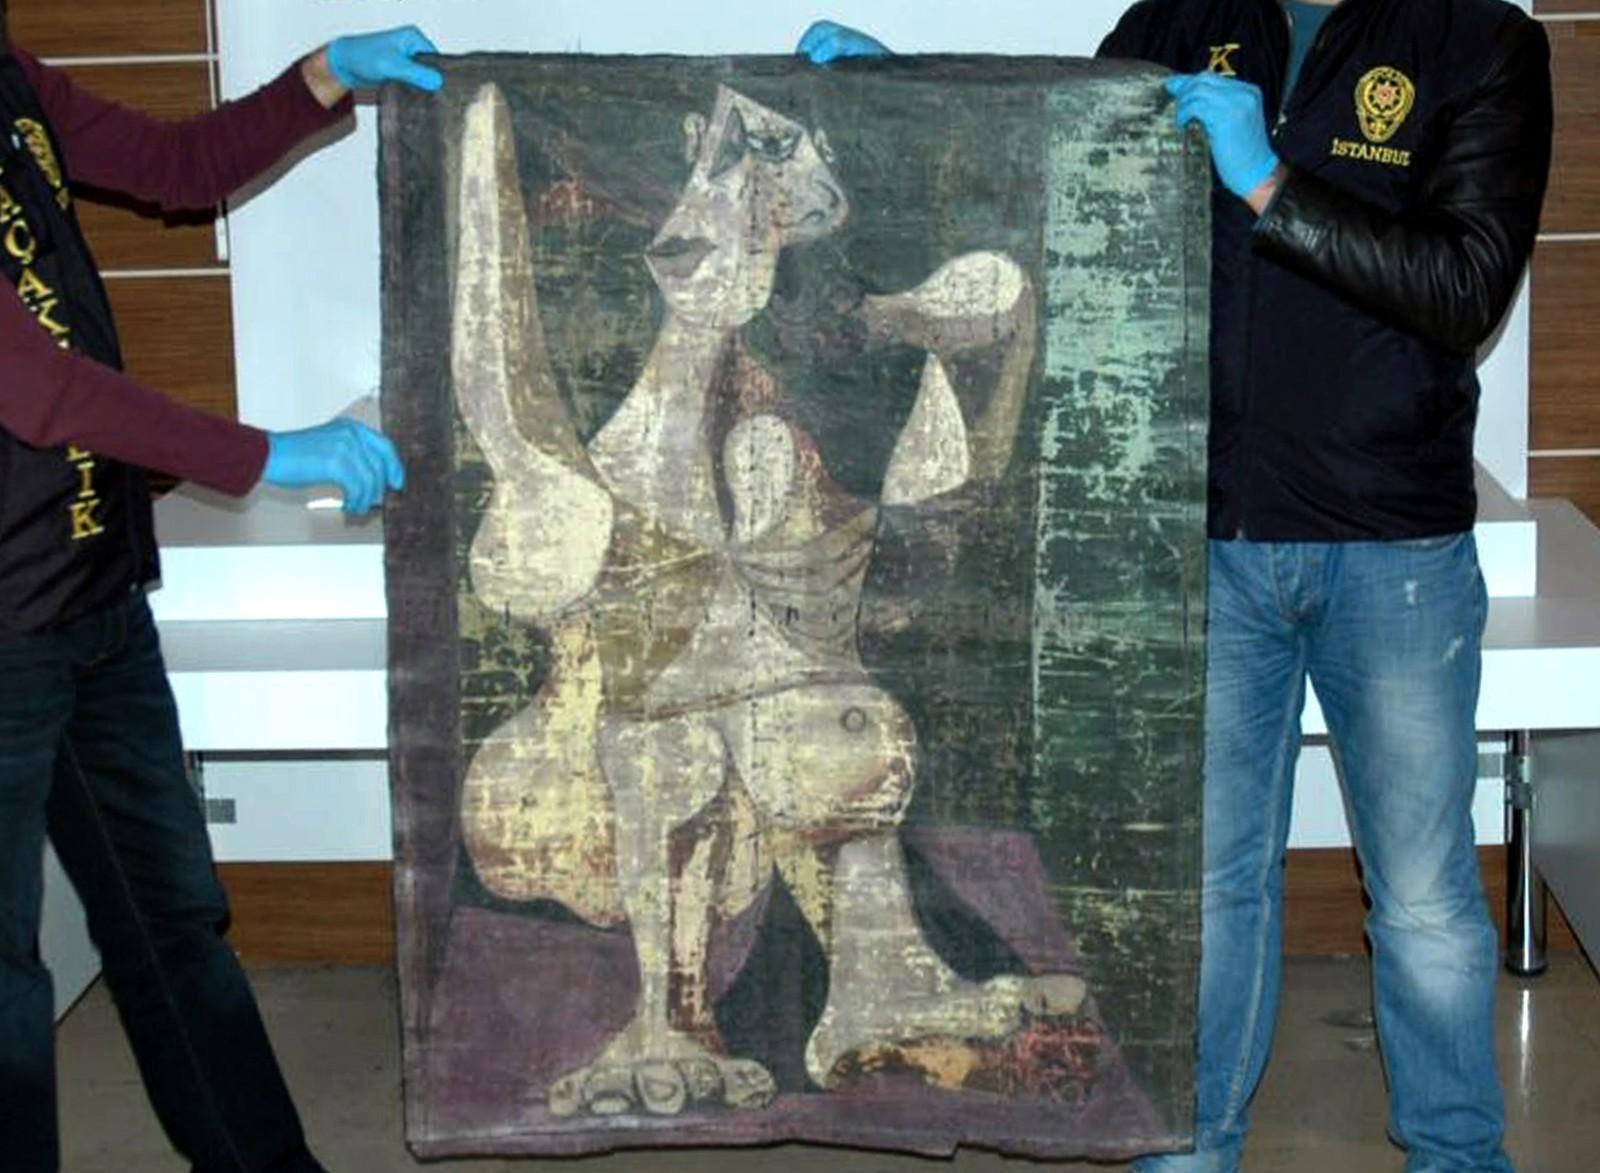 Tyrkisk politi viste denne uka fram Picasso-maleriet «Kvinne steller håret». Kunsttyver skal ha forsøkt å selge verket på det svarte markedet. Nå blir det i stedet trolig returnert til eieren, en samler i New York.